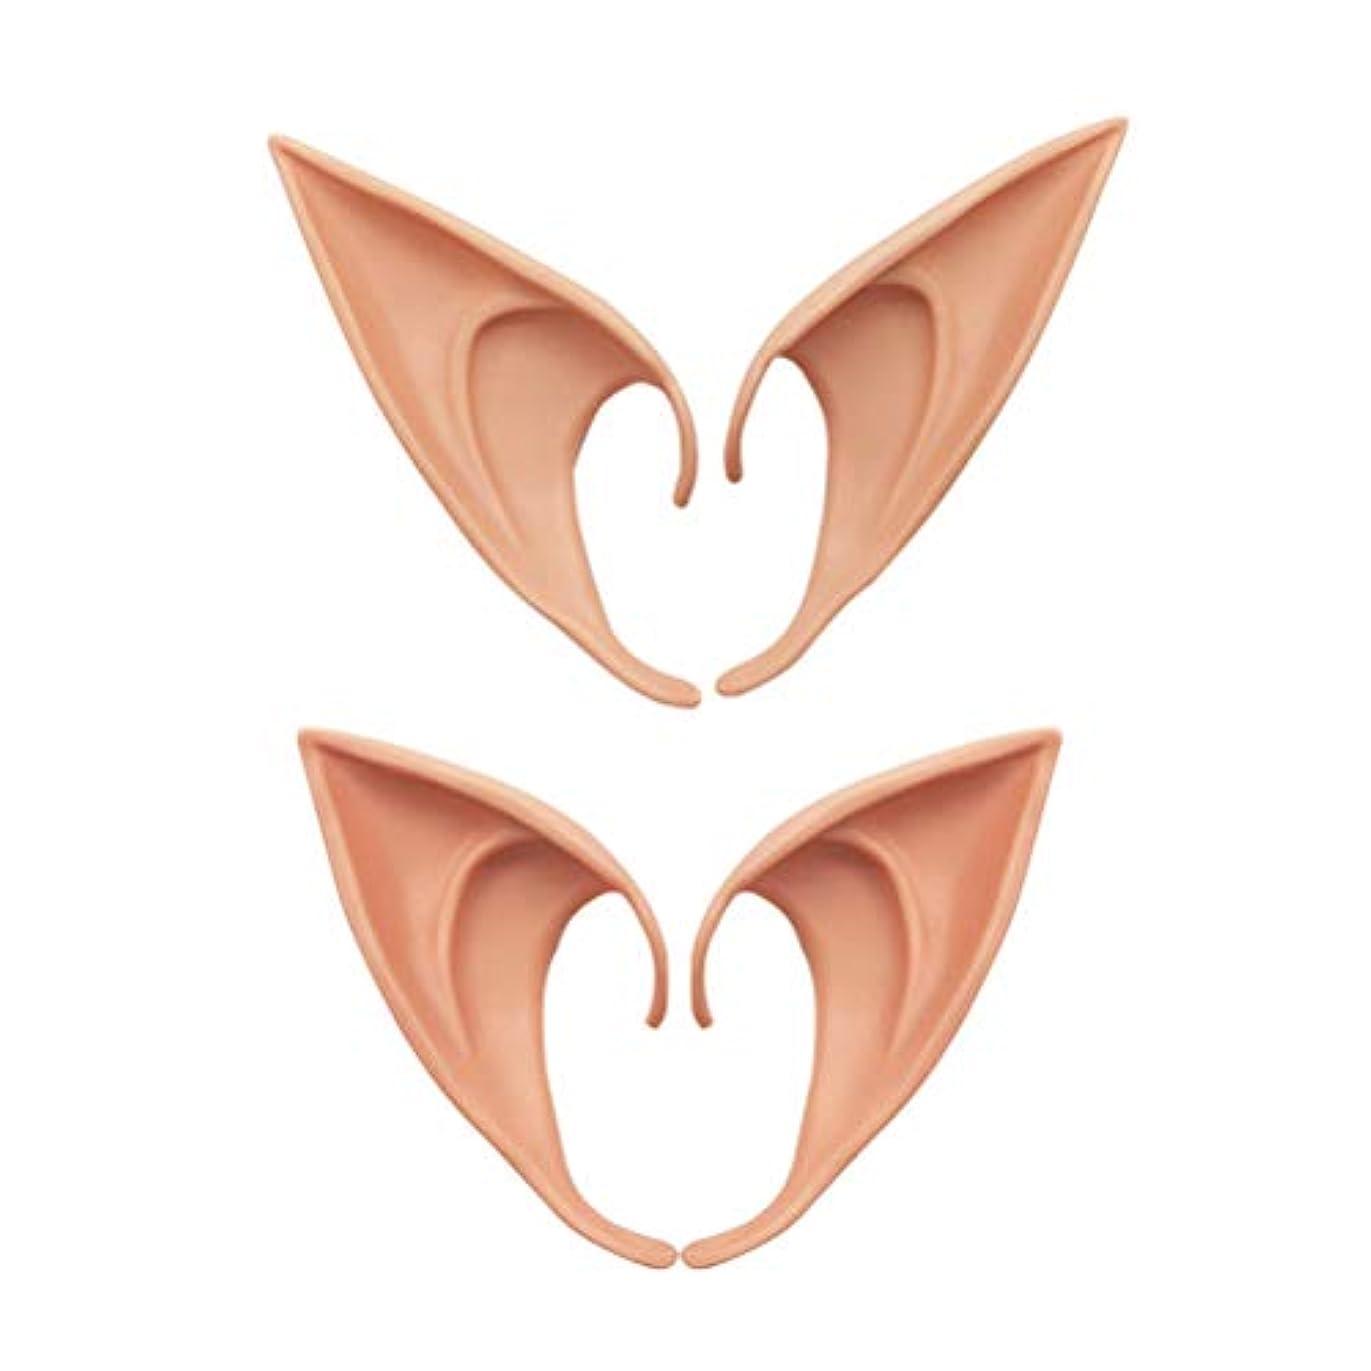 子孫面倒担当者Toyvian エルフ耳コスプレイースターカーニバルパーティーエルフコスチューム補綴耳偽のヒント耳写真小道具4ピース